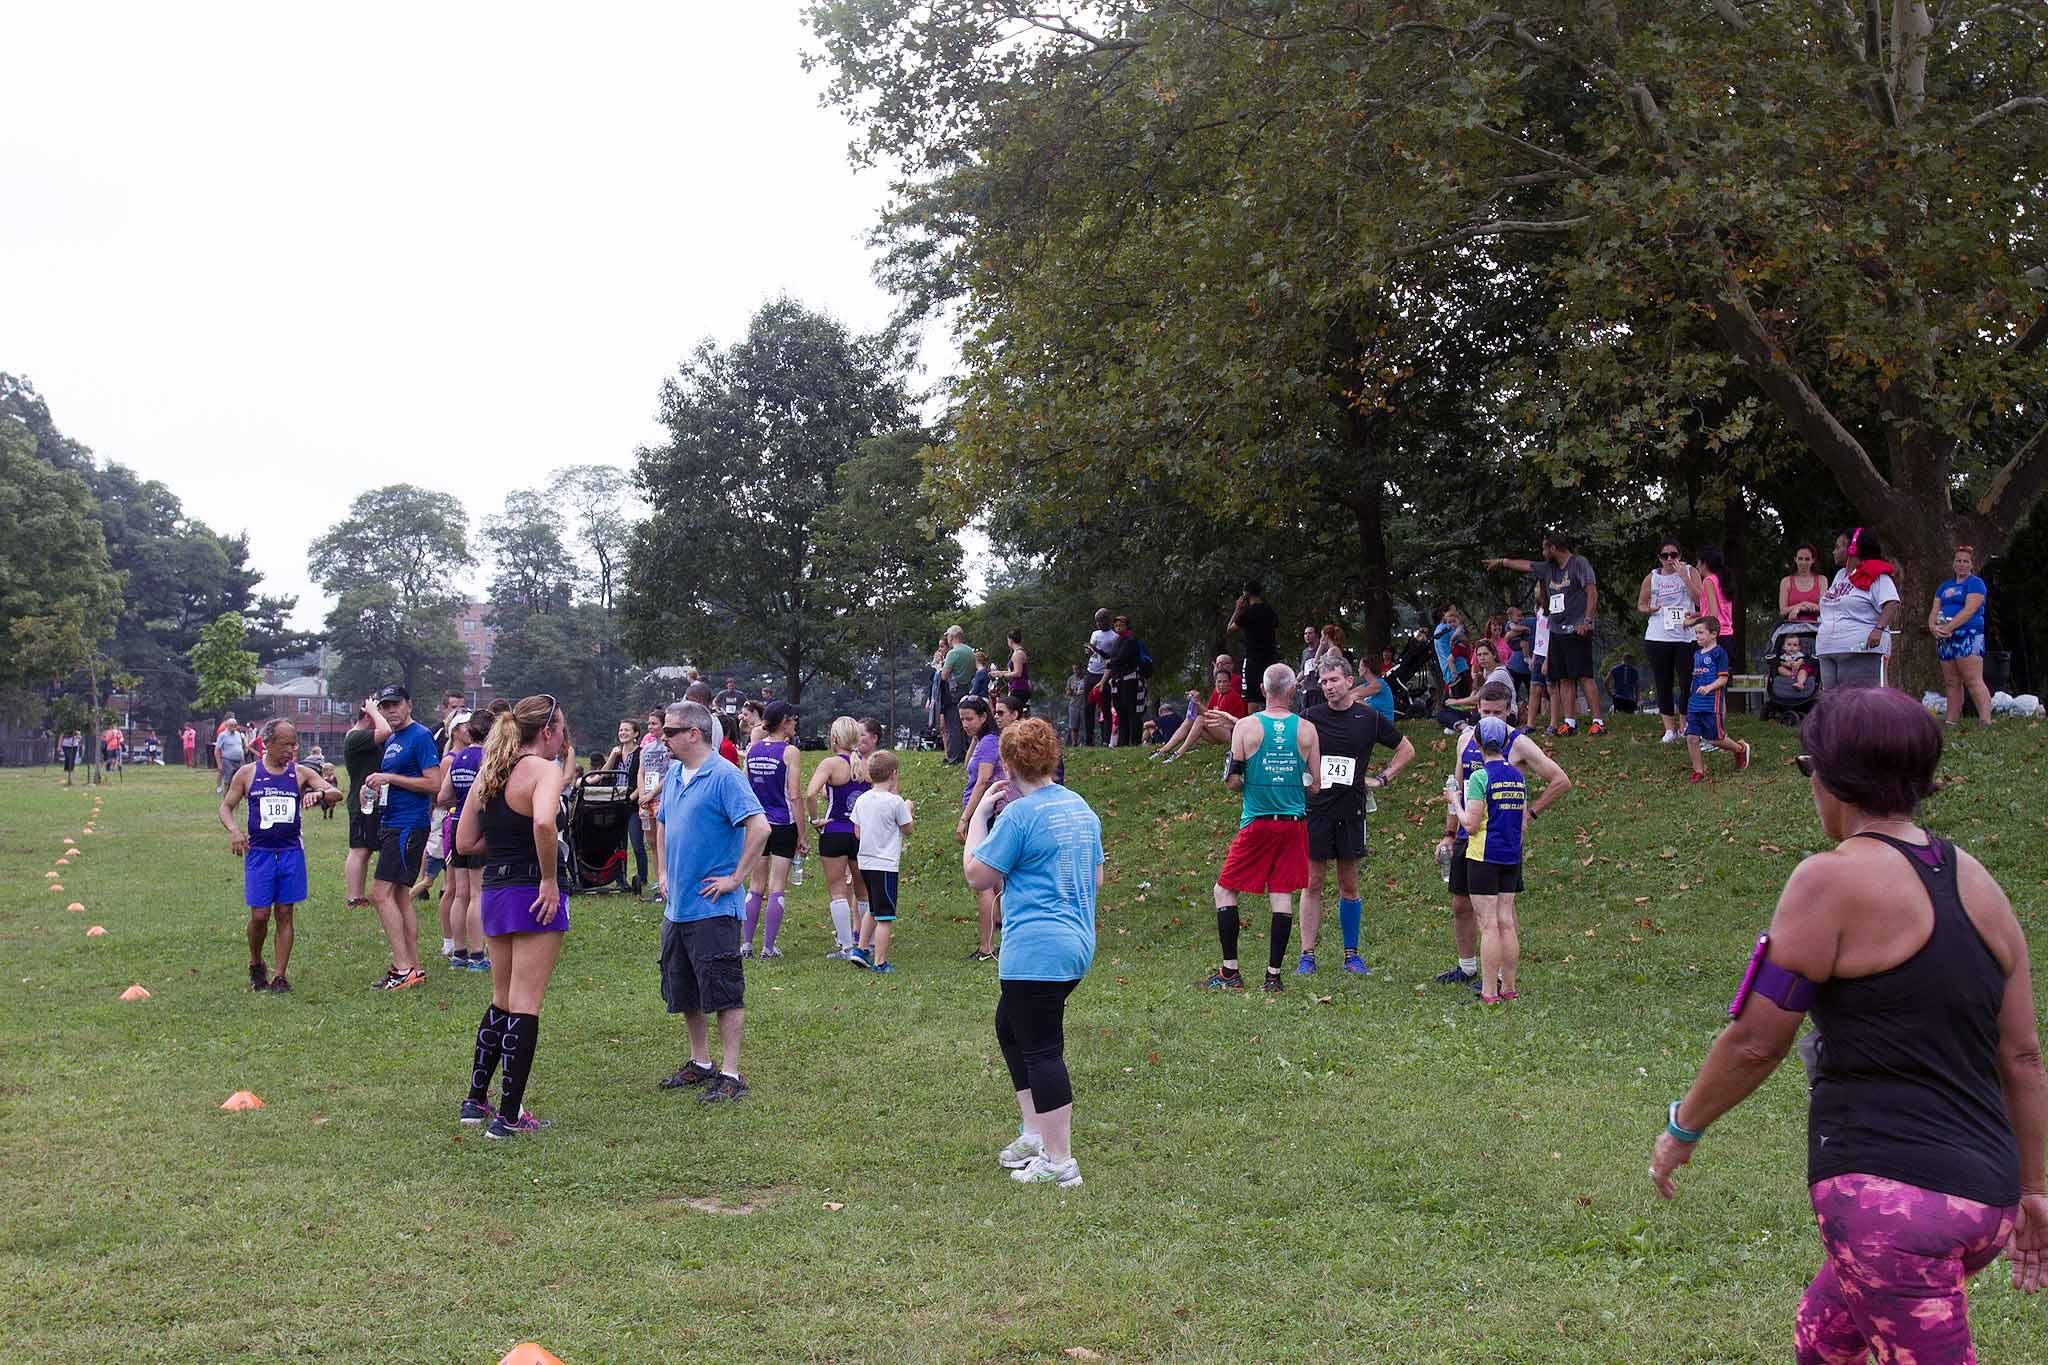 210-Woodlawn Run for a Cause-016-2.jpg